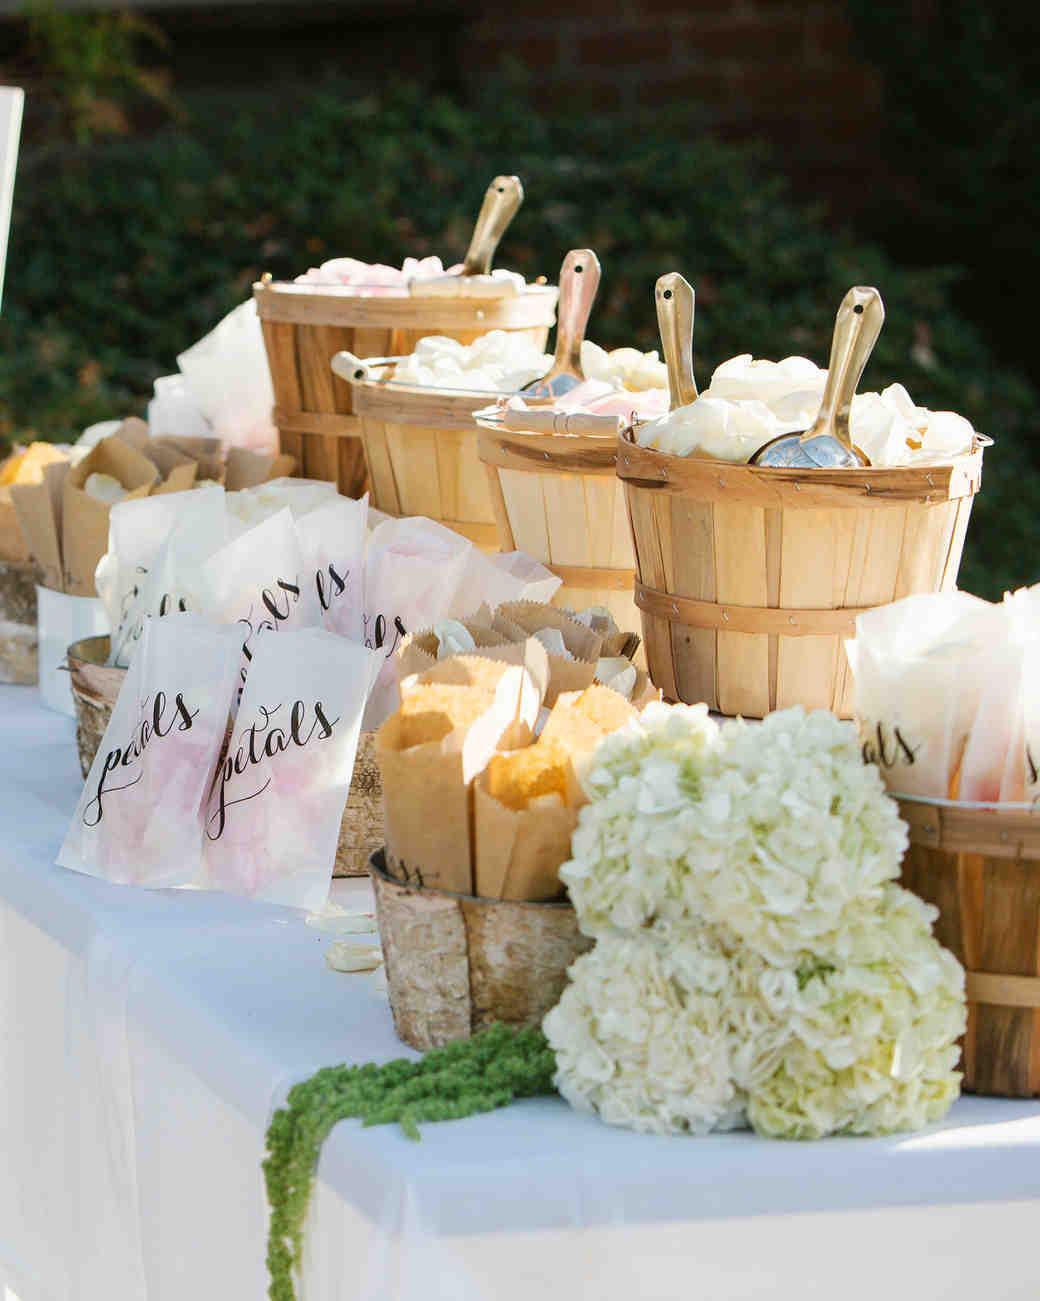 Wedding Flower Petal Bar, Baskets of Mixed Petals